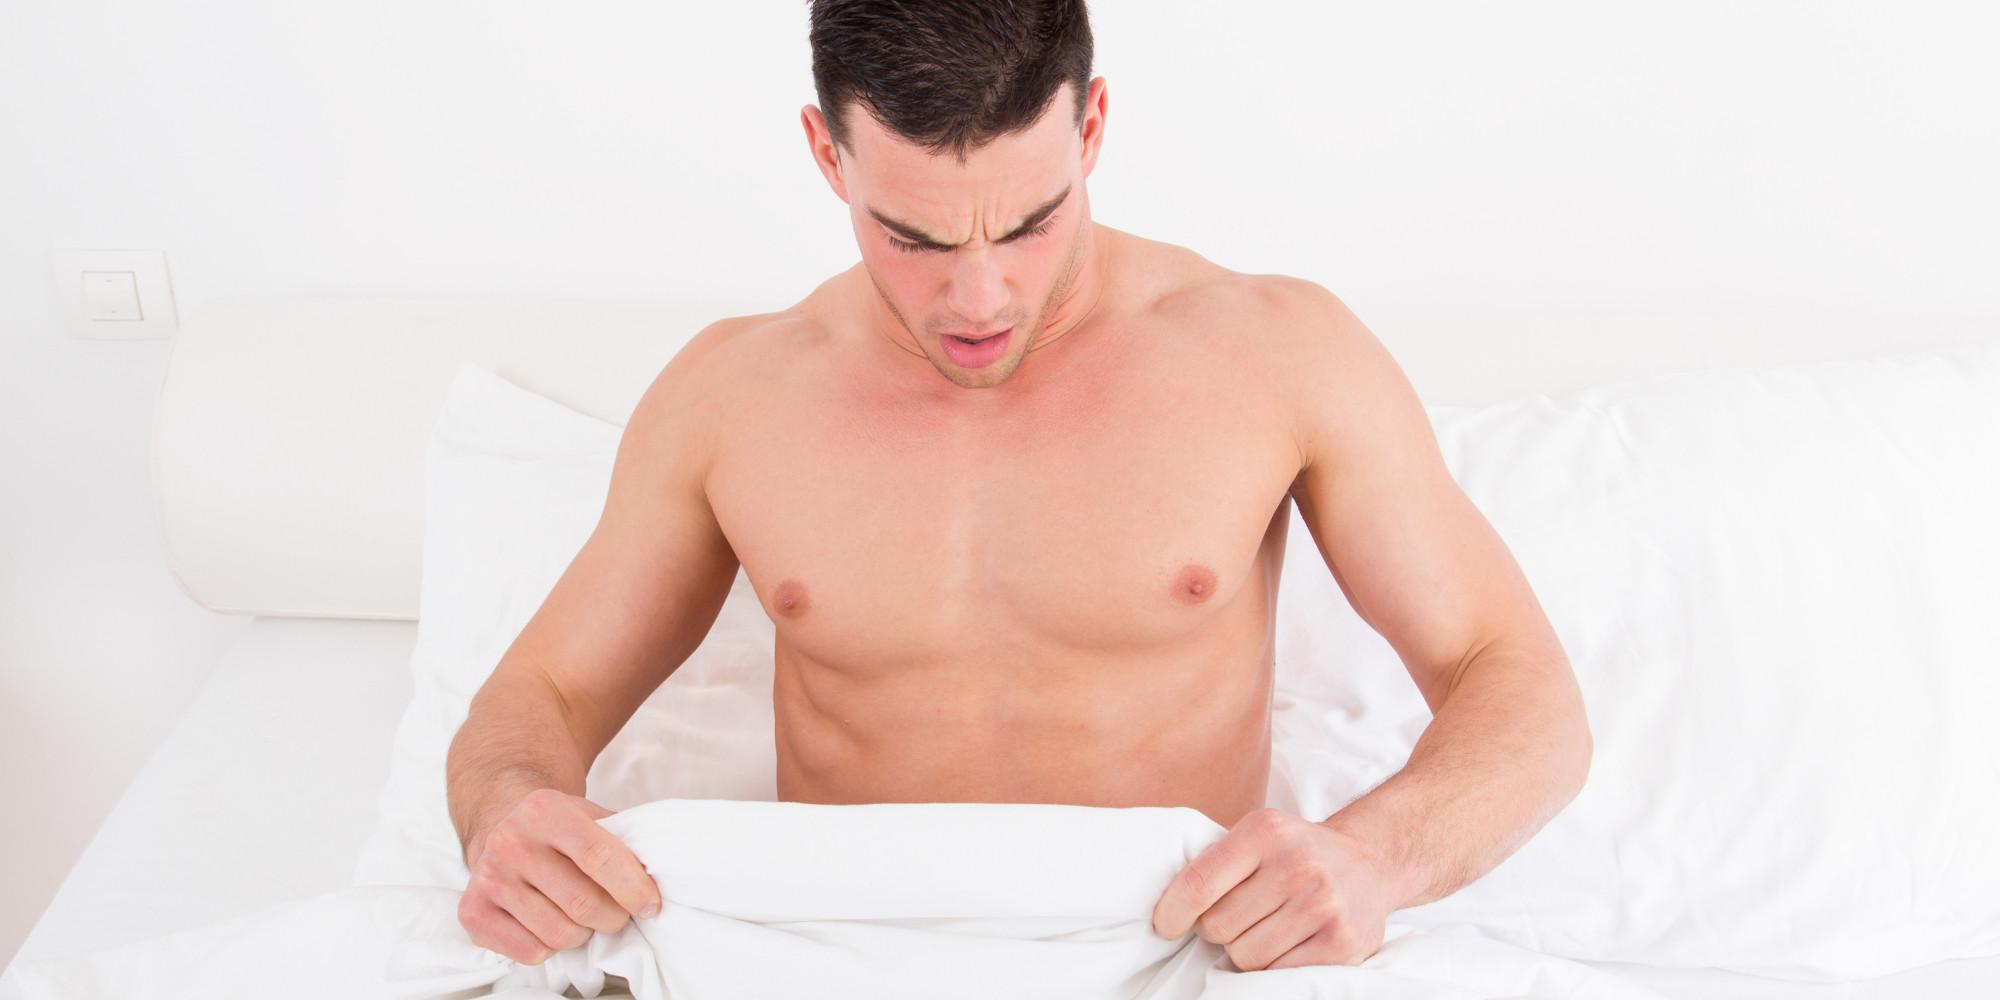 Почему трусы скатываются в трубочку у мужчин